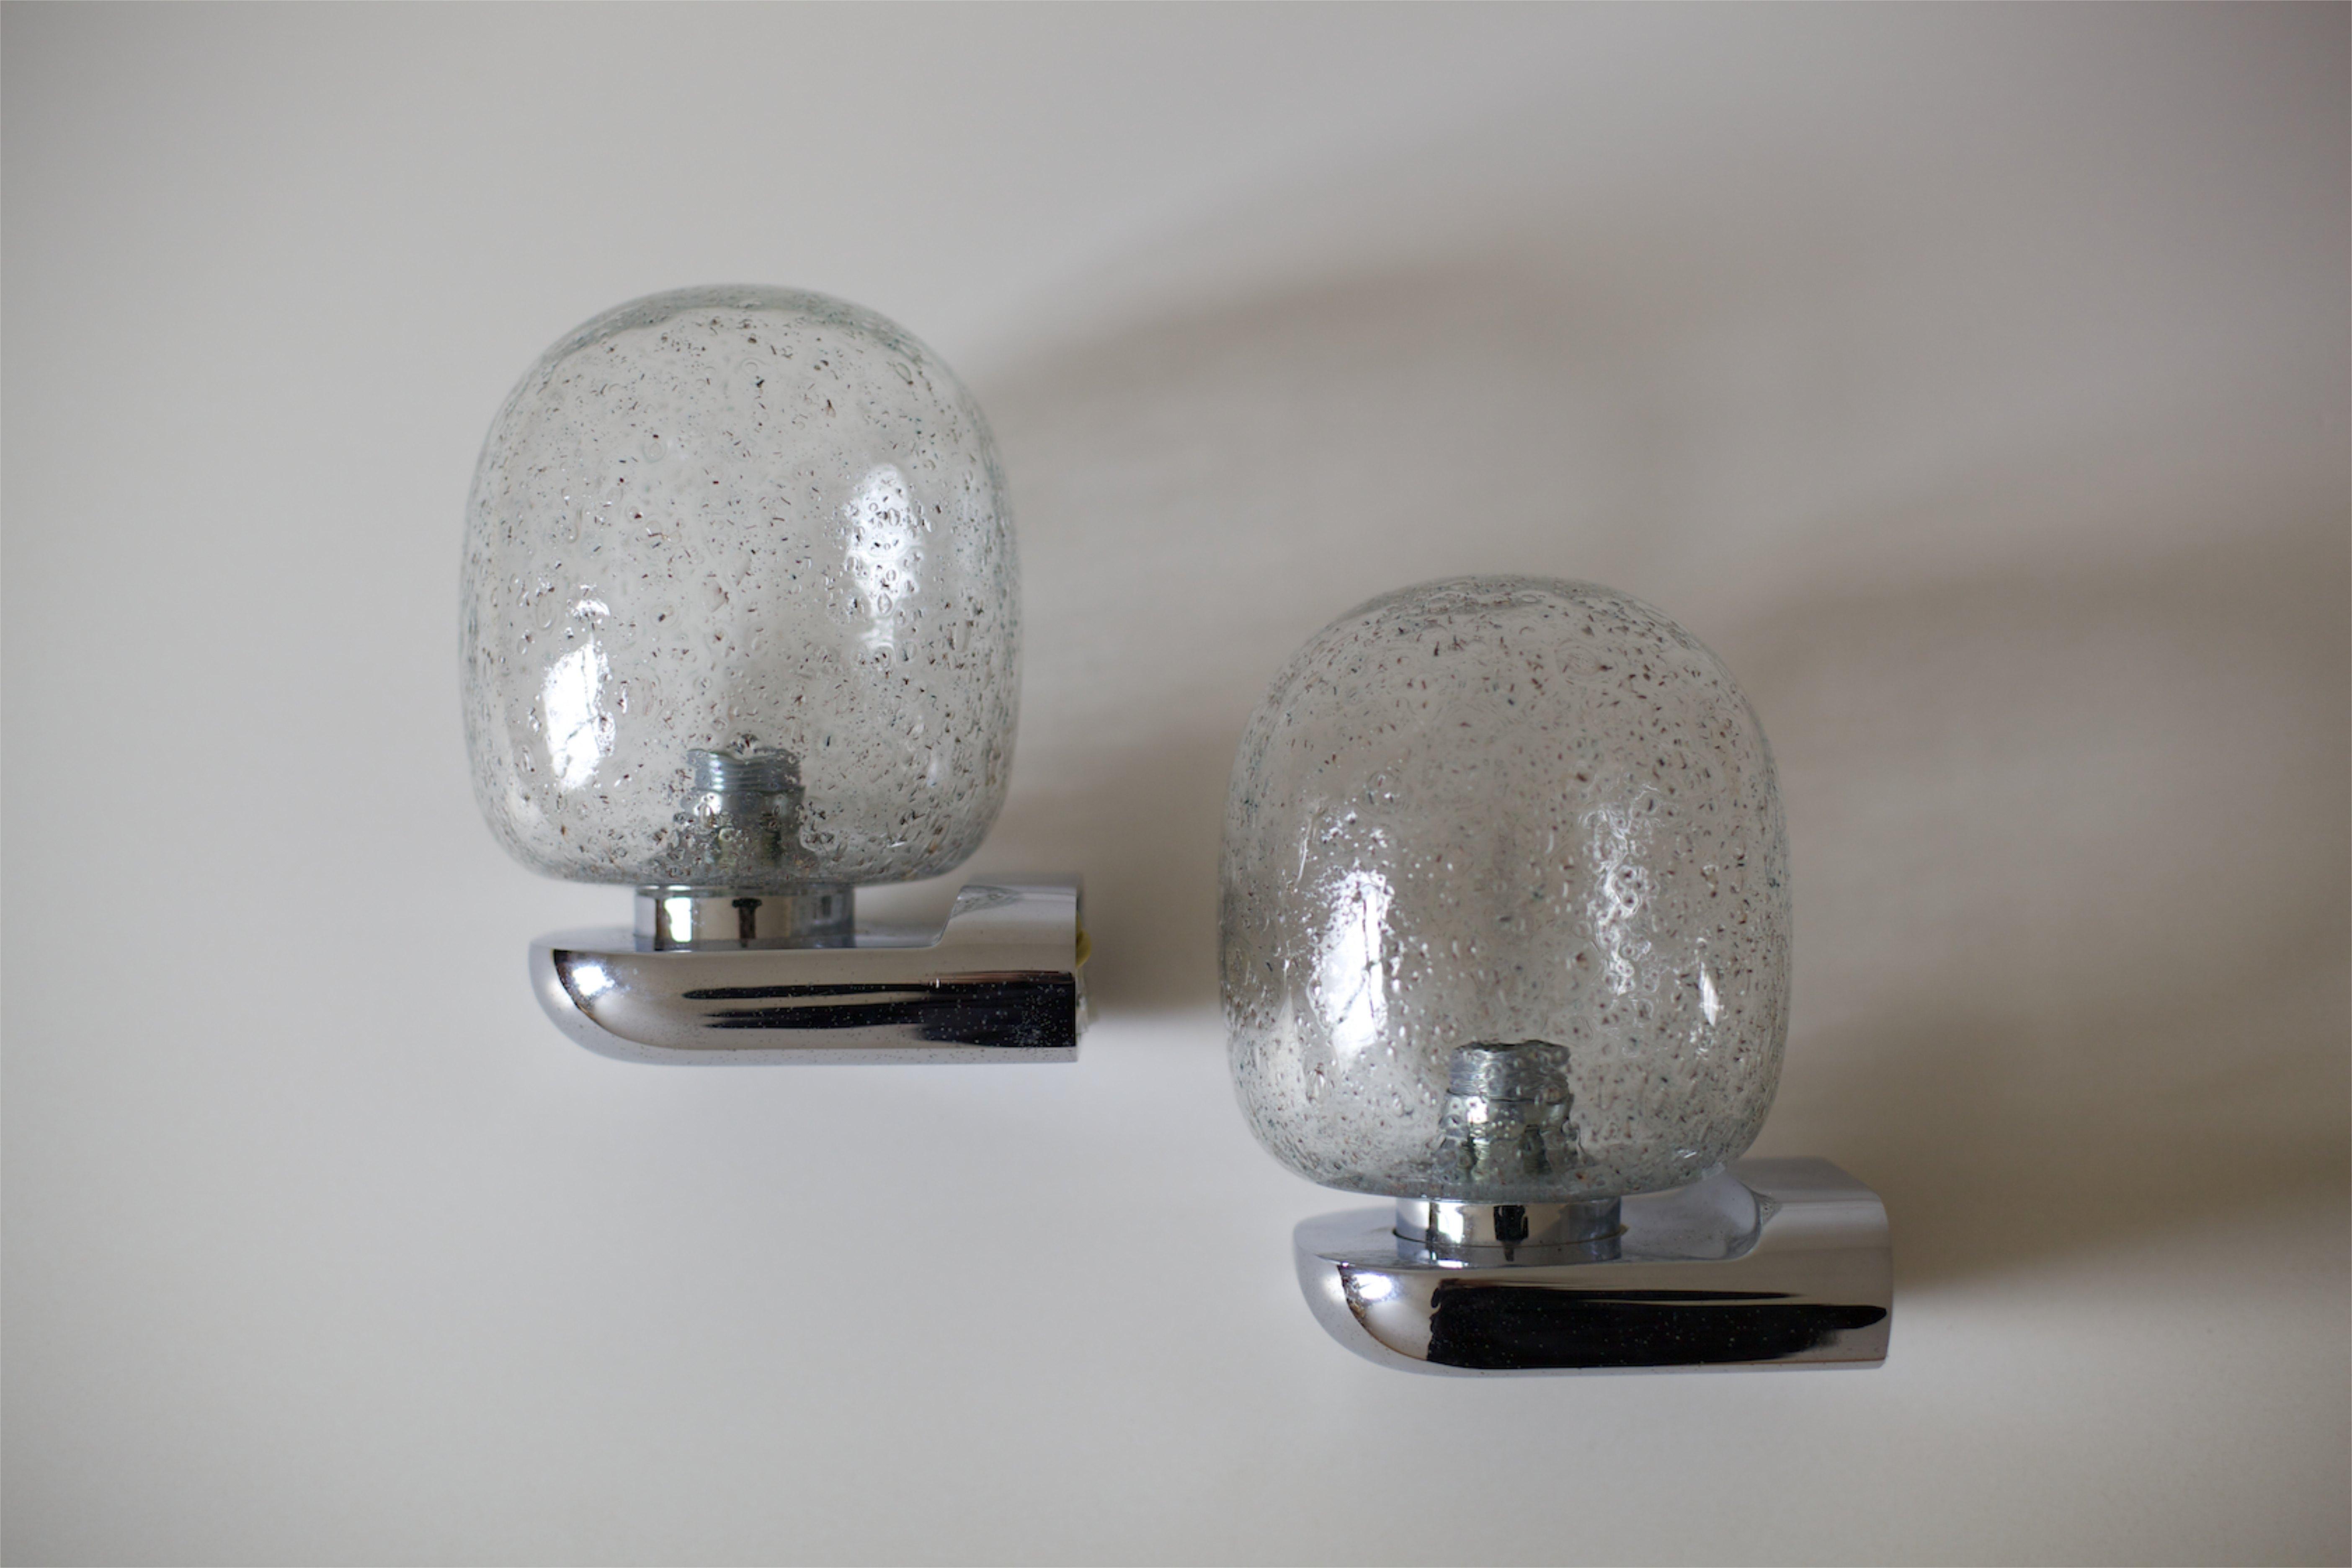 download badezimmerlampen | vitaplaza, Badezimmer ideen